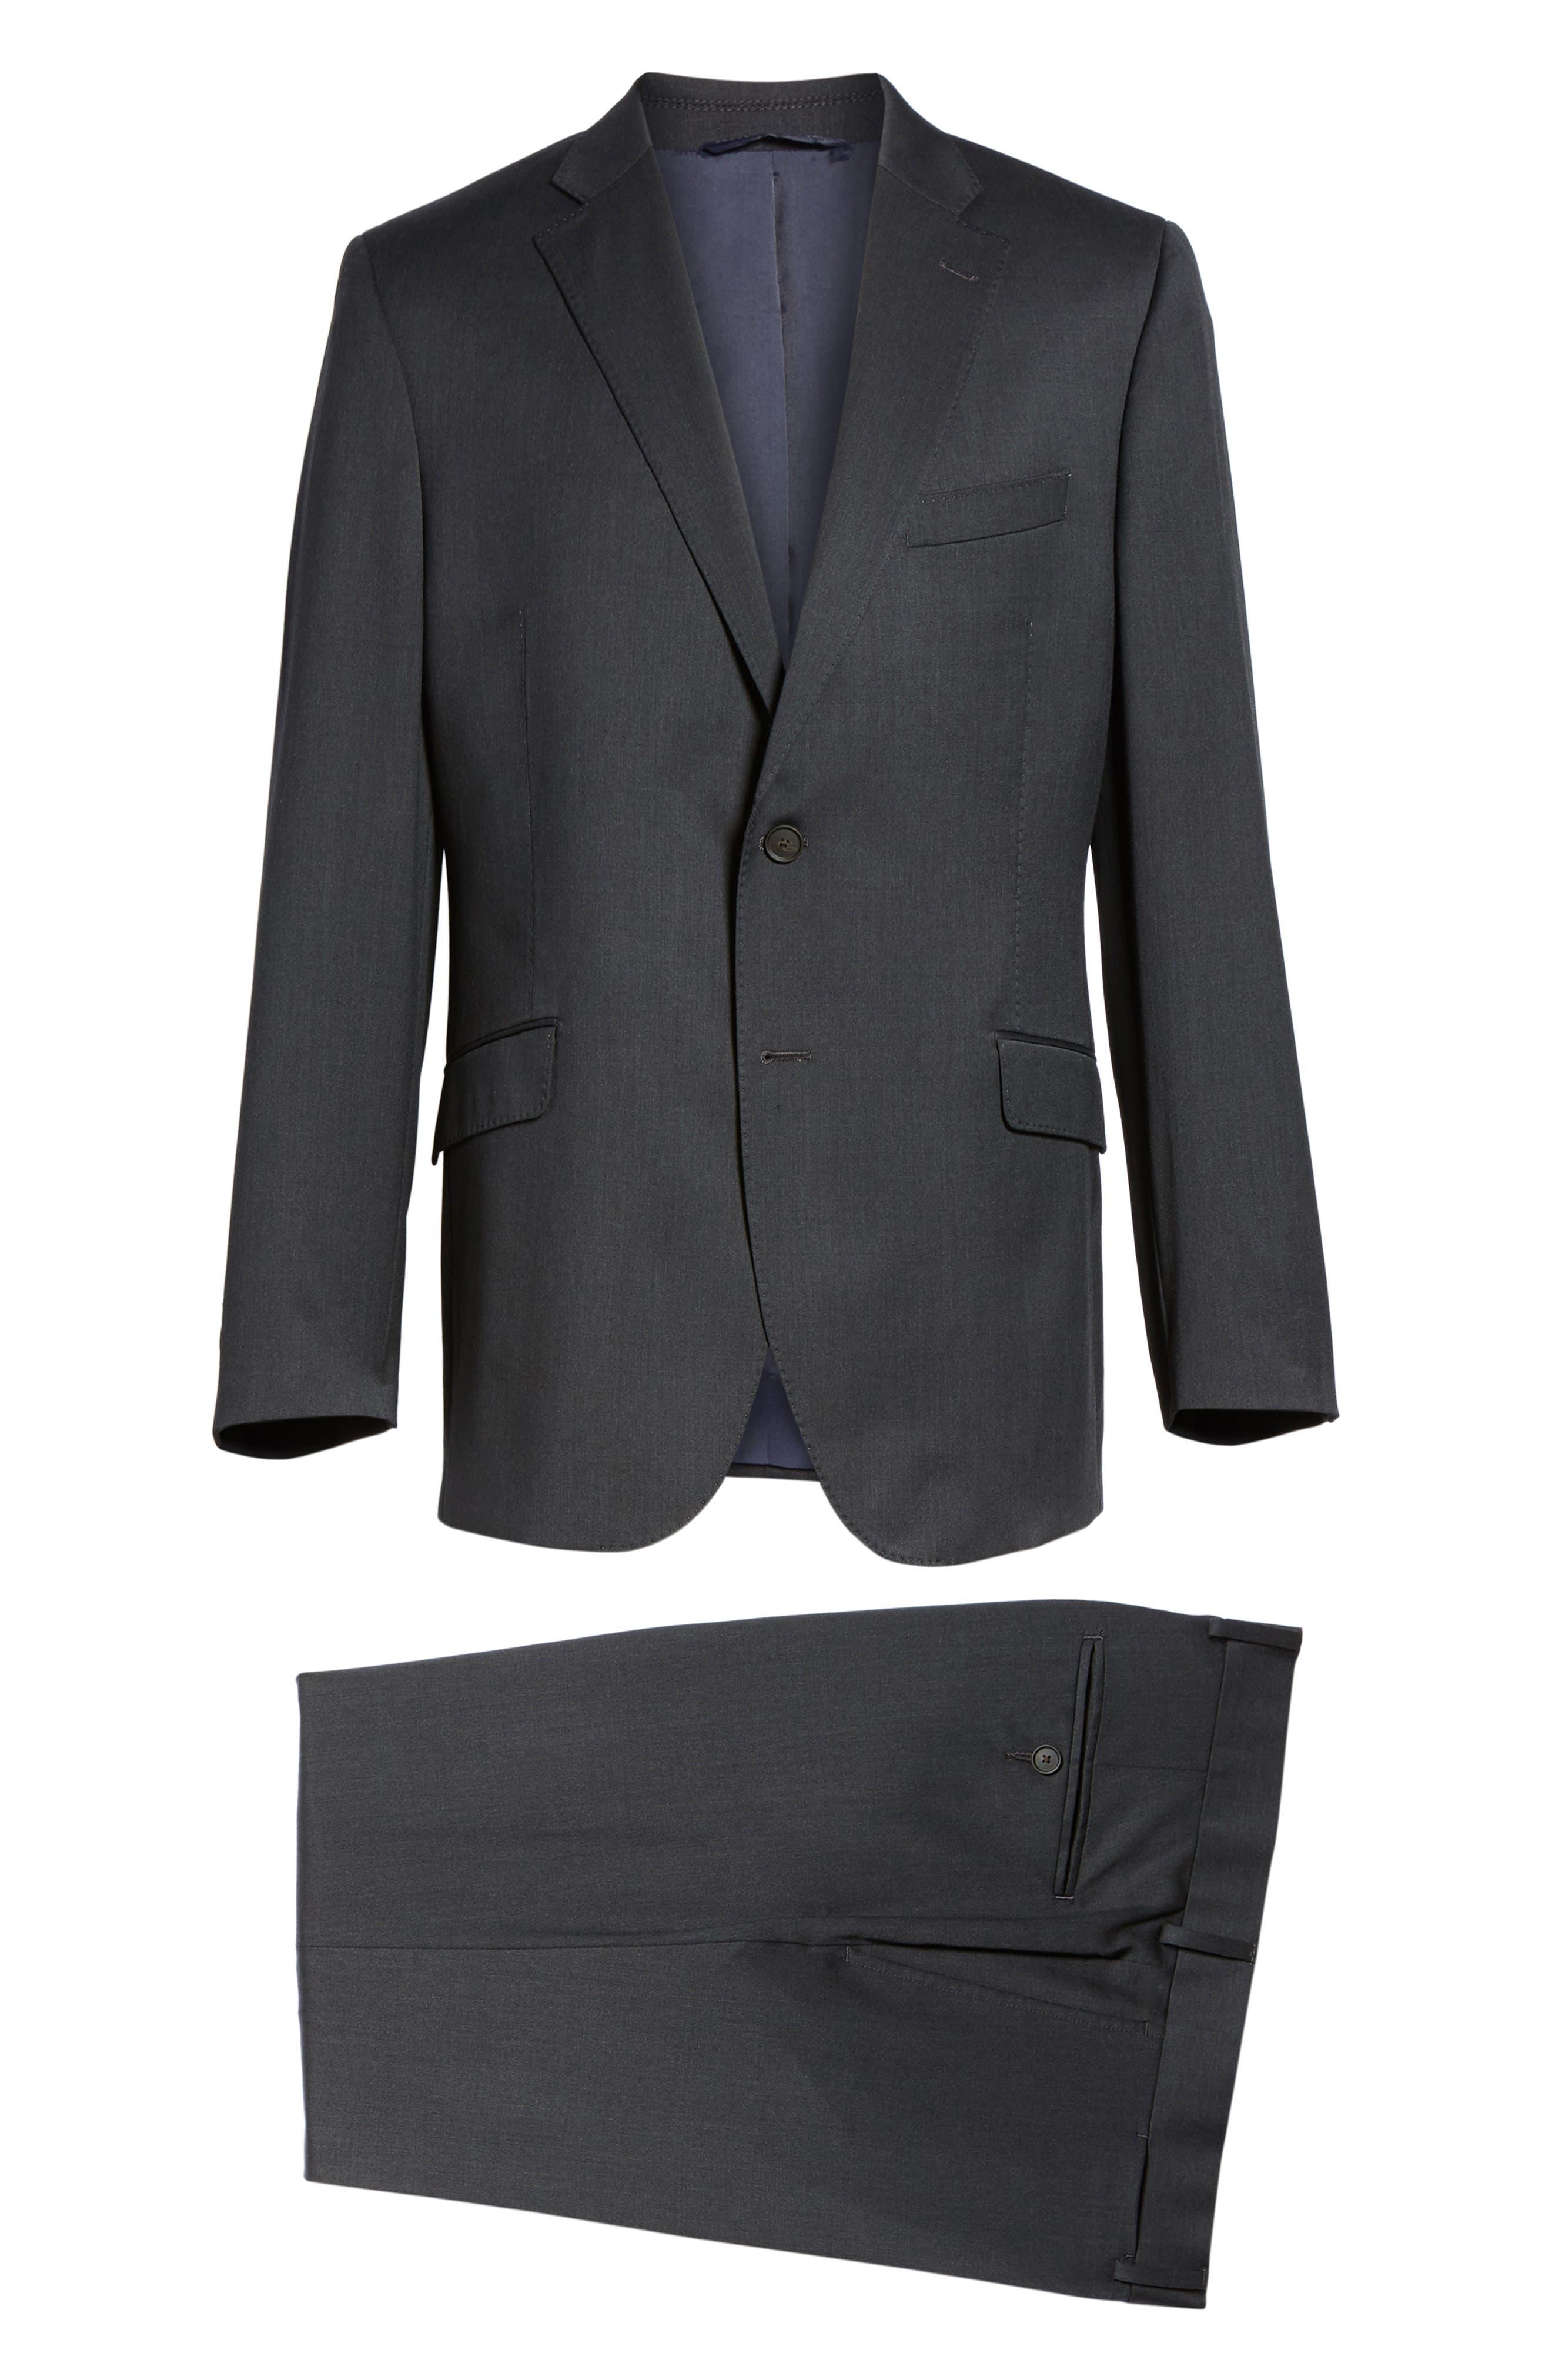 Keidis Aim Classic Fit Stretch Wool Suit,                             Alternate thumbnail 8, color,                             014